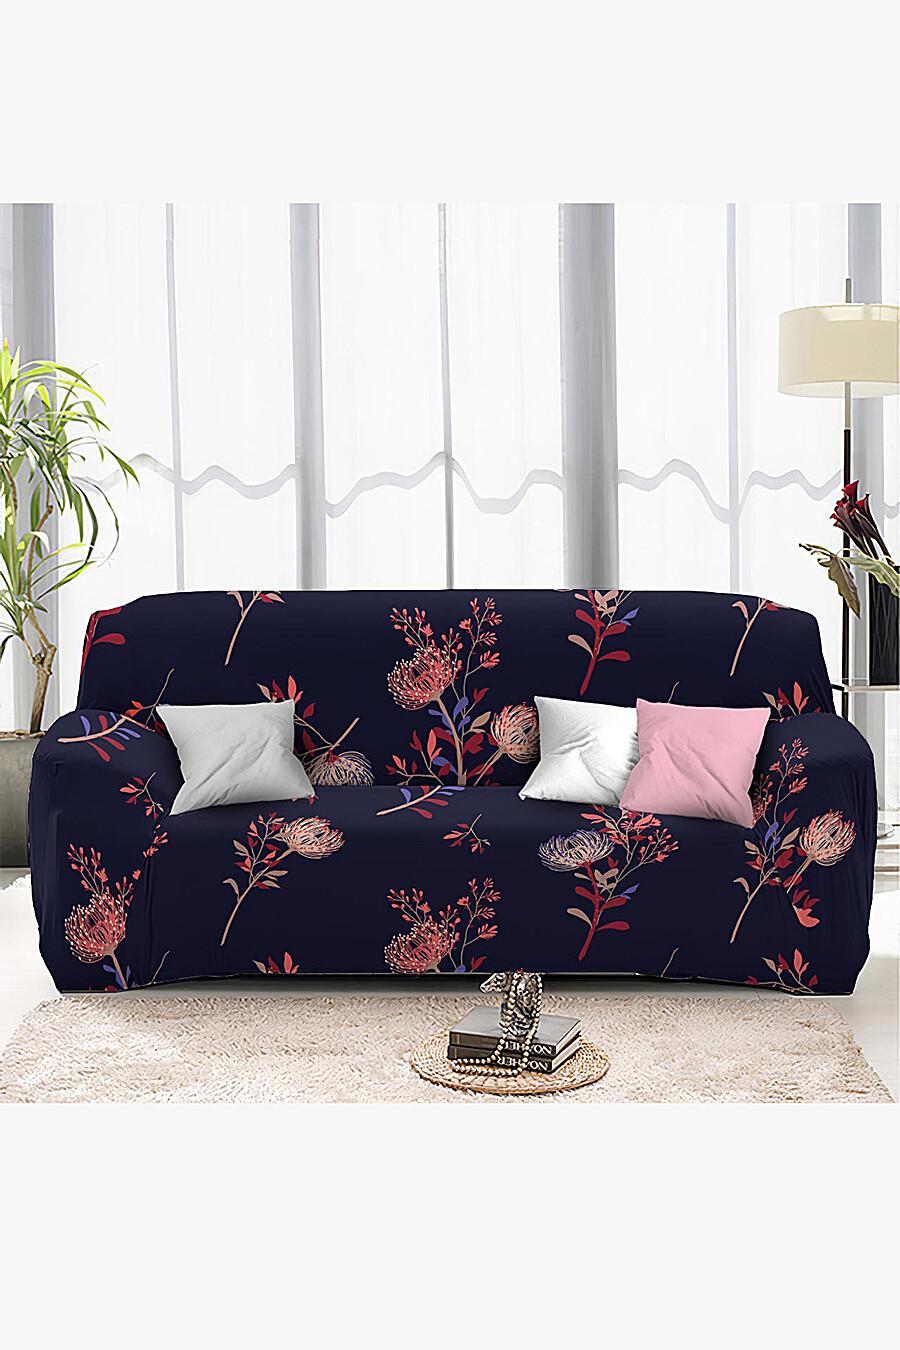 Чехол на диван для дома ART HOME TEXTILE 162921 купить оптом от производителя. Совместная покупка товаров для дома в OptMoyo